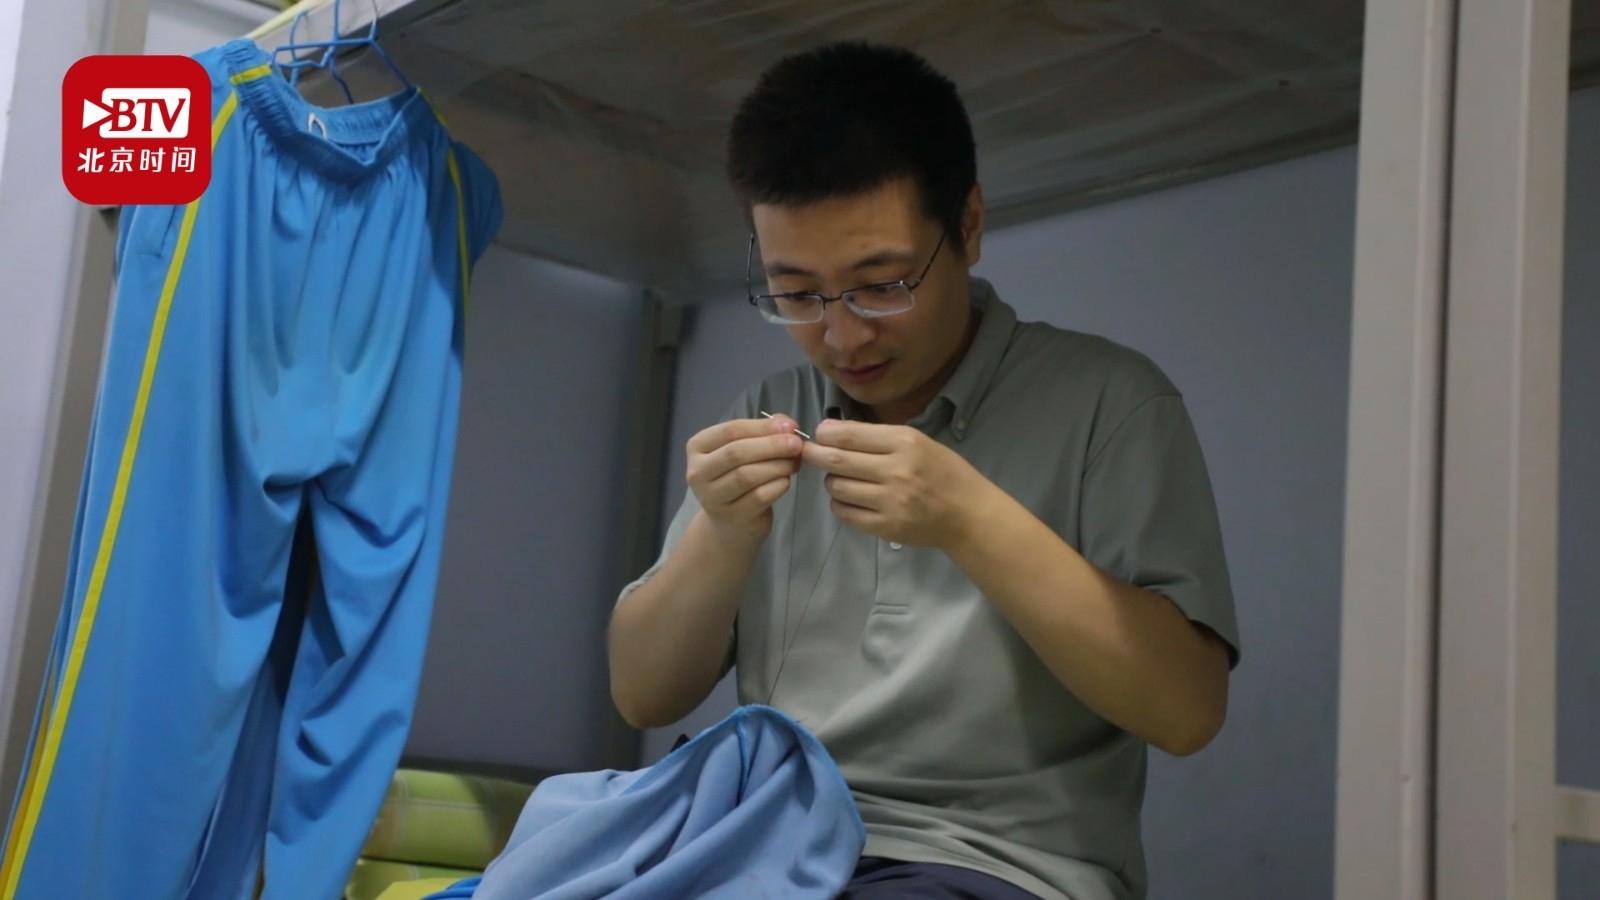 初三男班主任为学生缝衣服:人生第一次做针线活,想帮学生节省时间